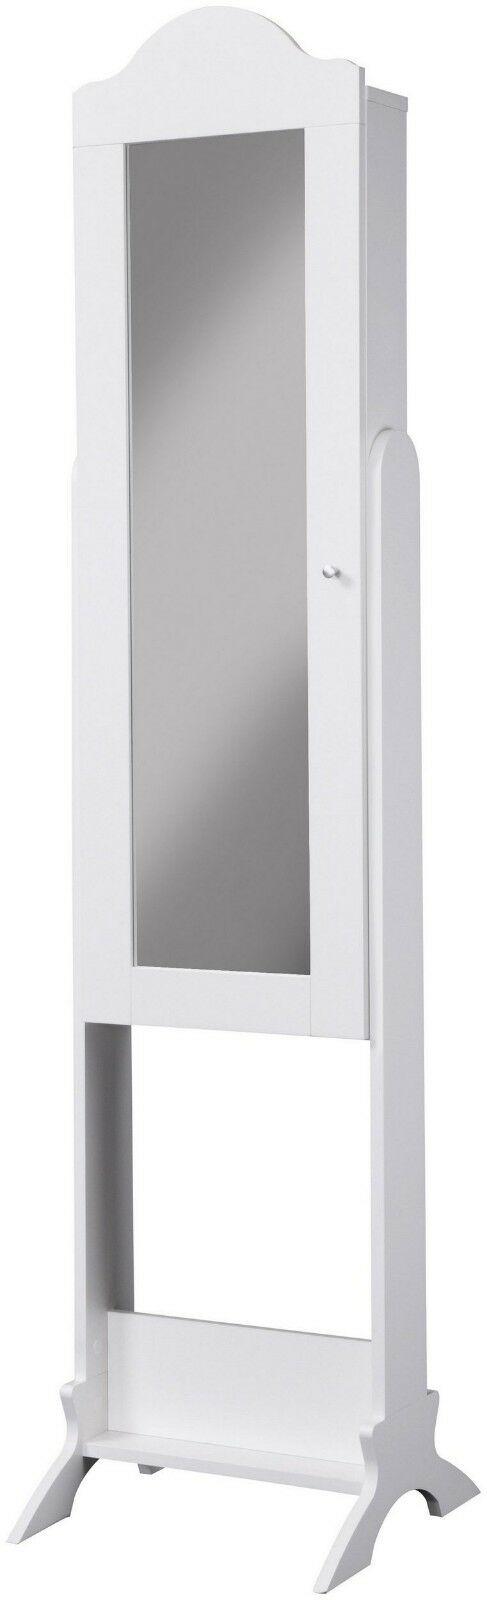 Schmuckschrank Benita Spiegelschrank weiß Spiegel stehend B512943 UVP 129,99€ | Schmuckschrank Benita Spiegelschrank wei Spiegel stehend B512943 UVP 12999 333568230944